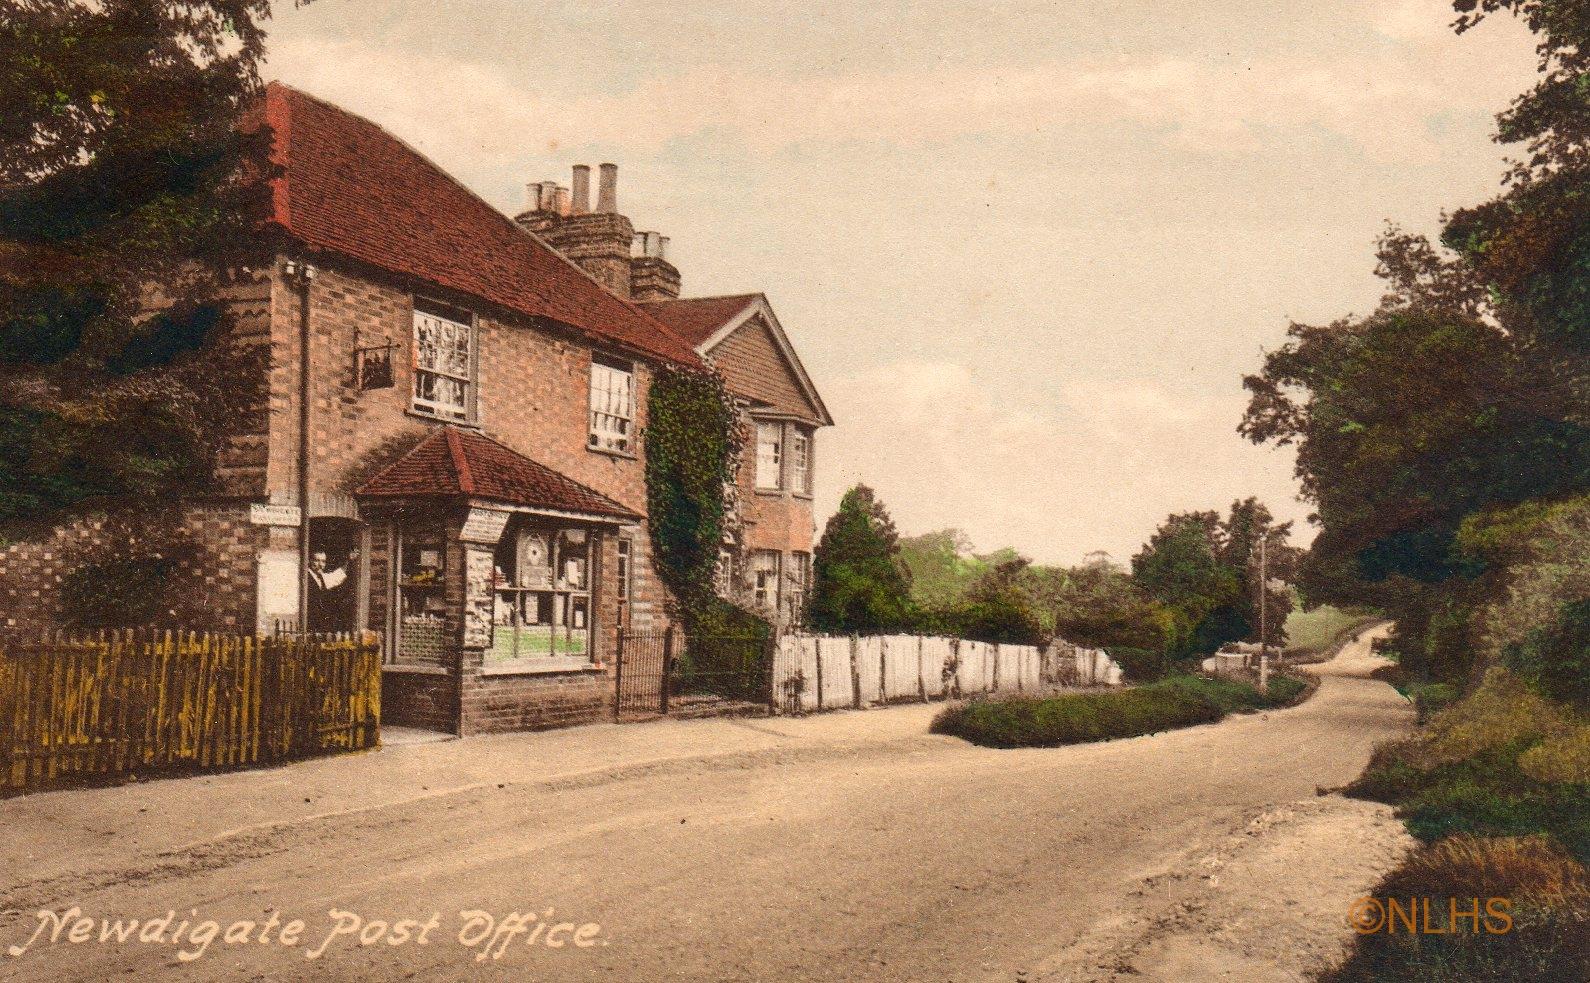 Post Office c.1924